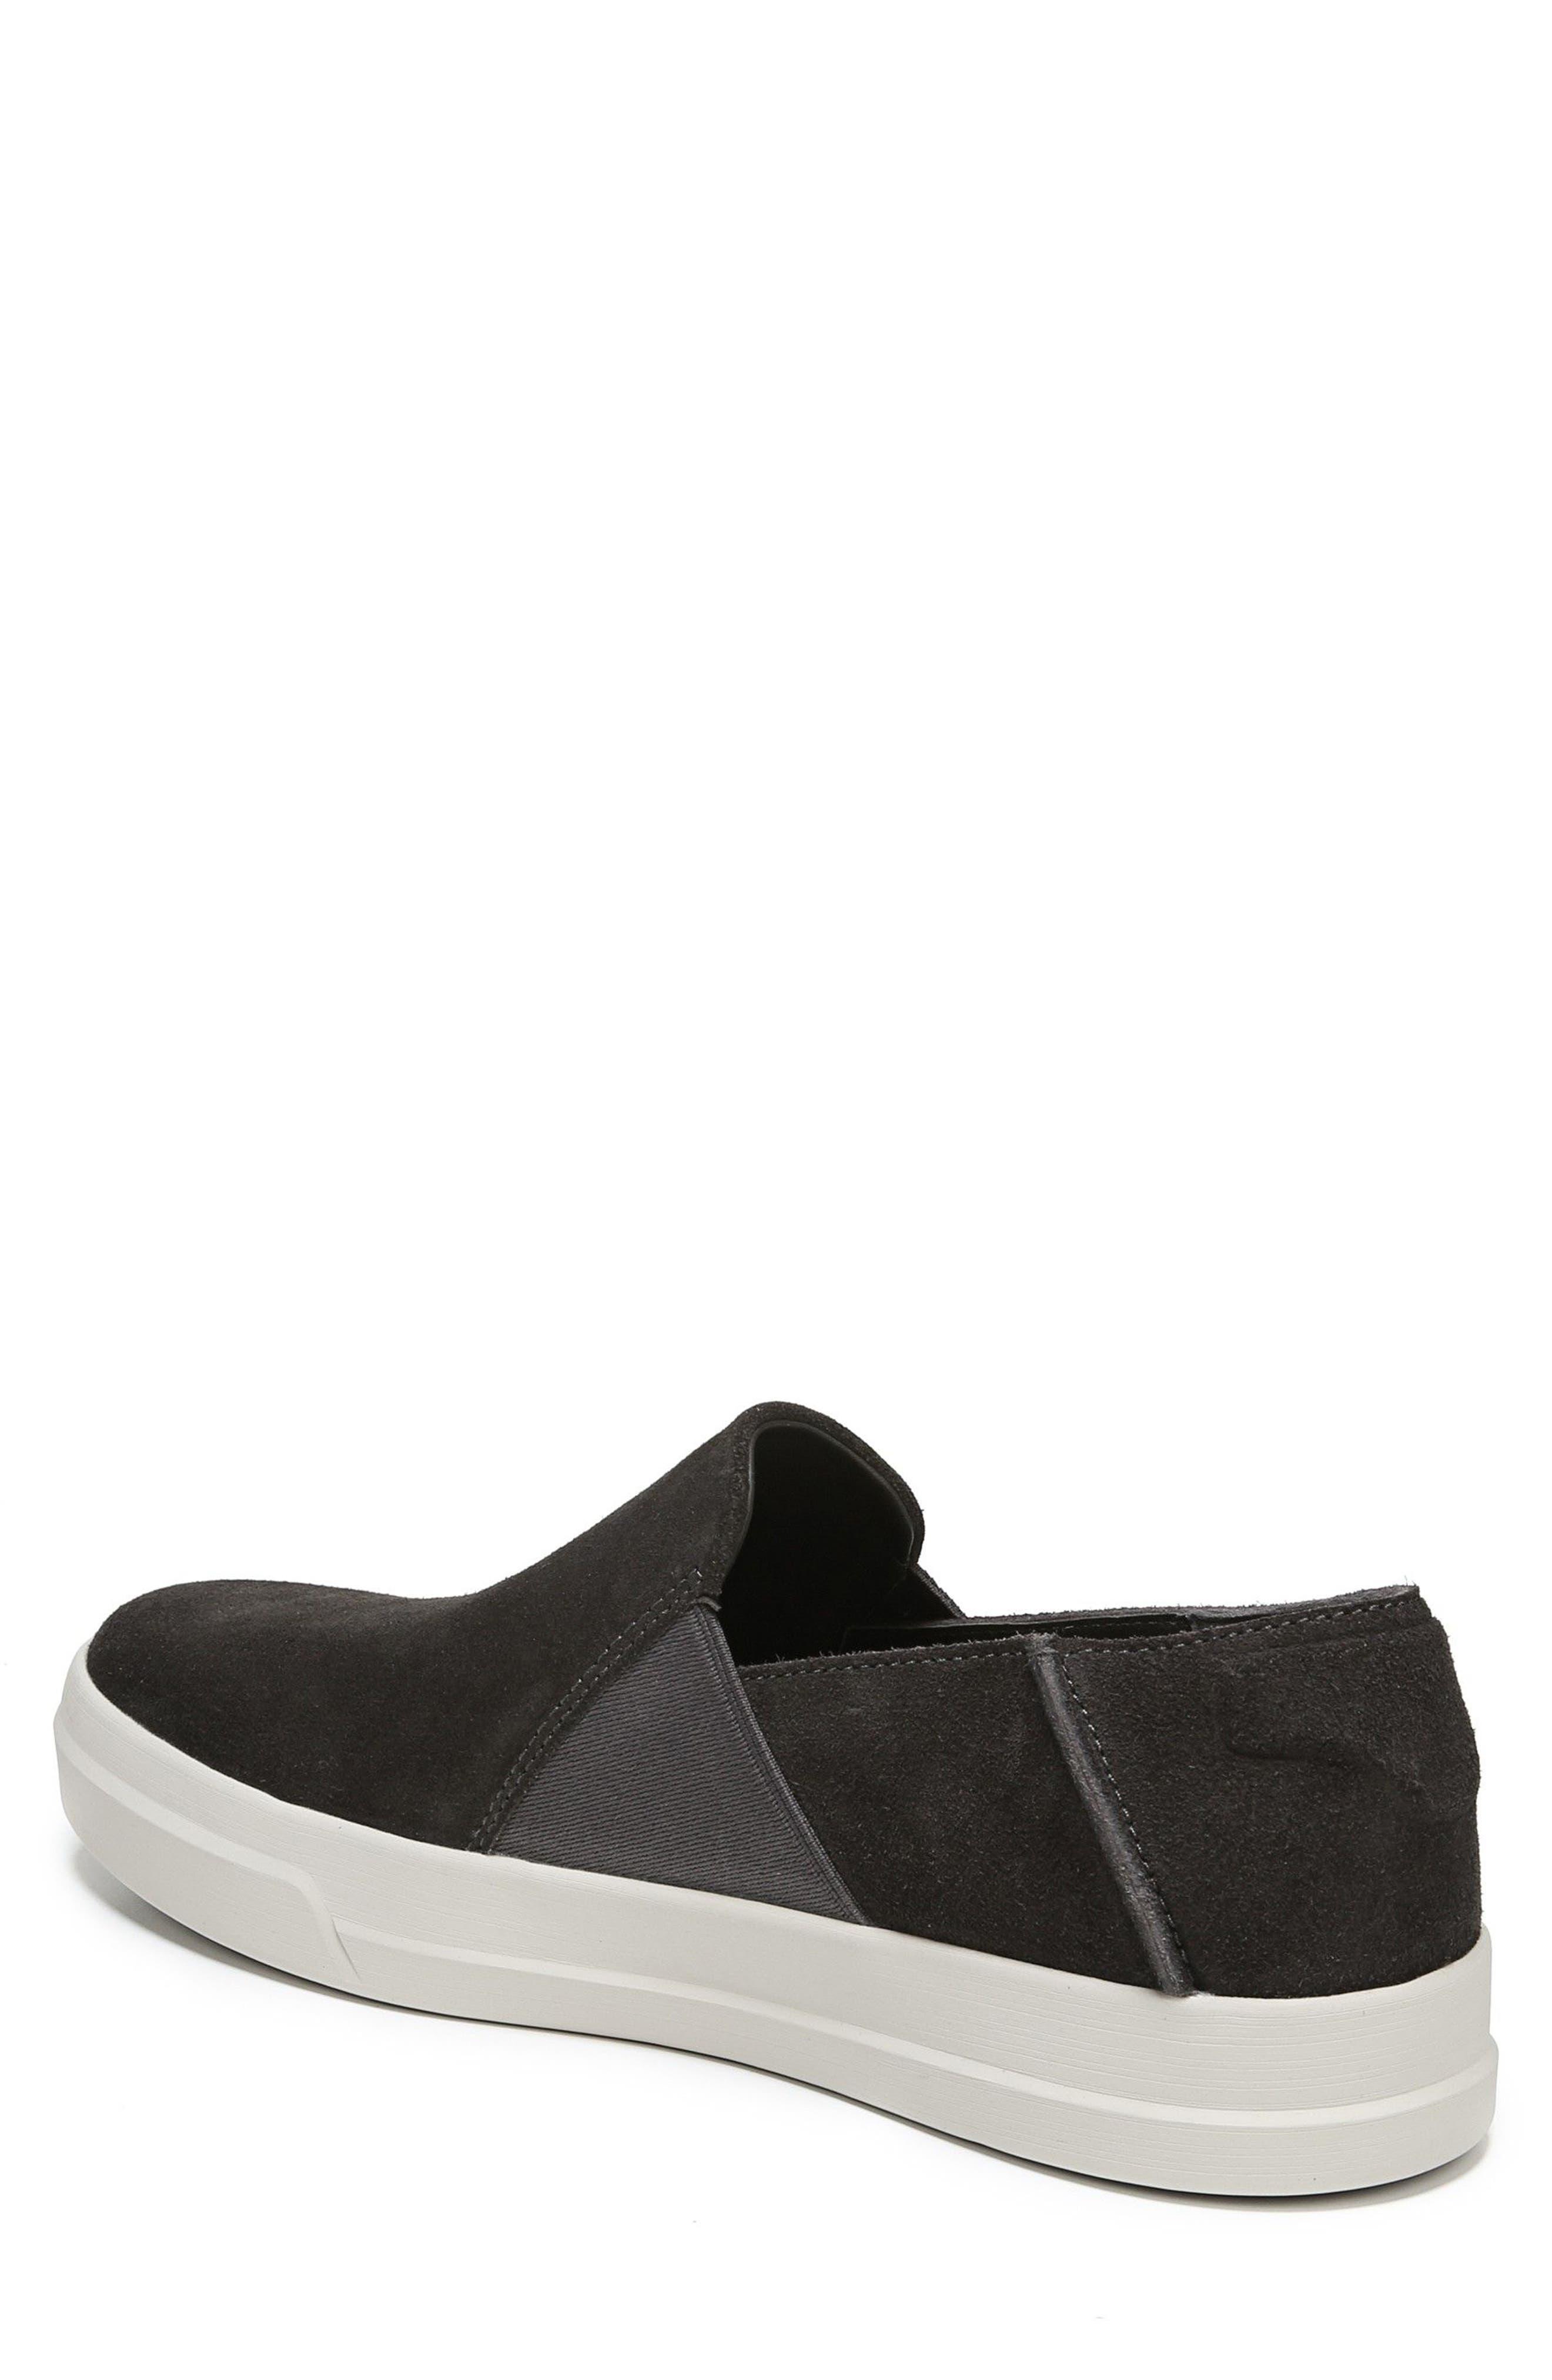 Carlin Slip-On Sneaker,                             Alternate thumbnail 2, color,                             020